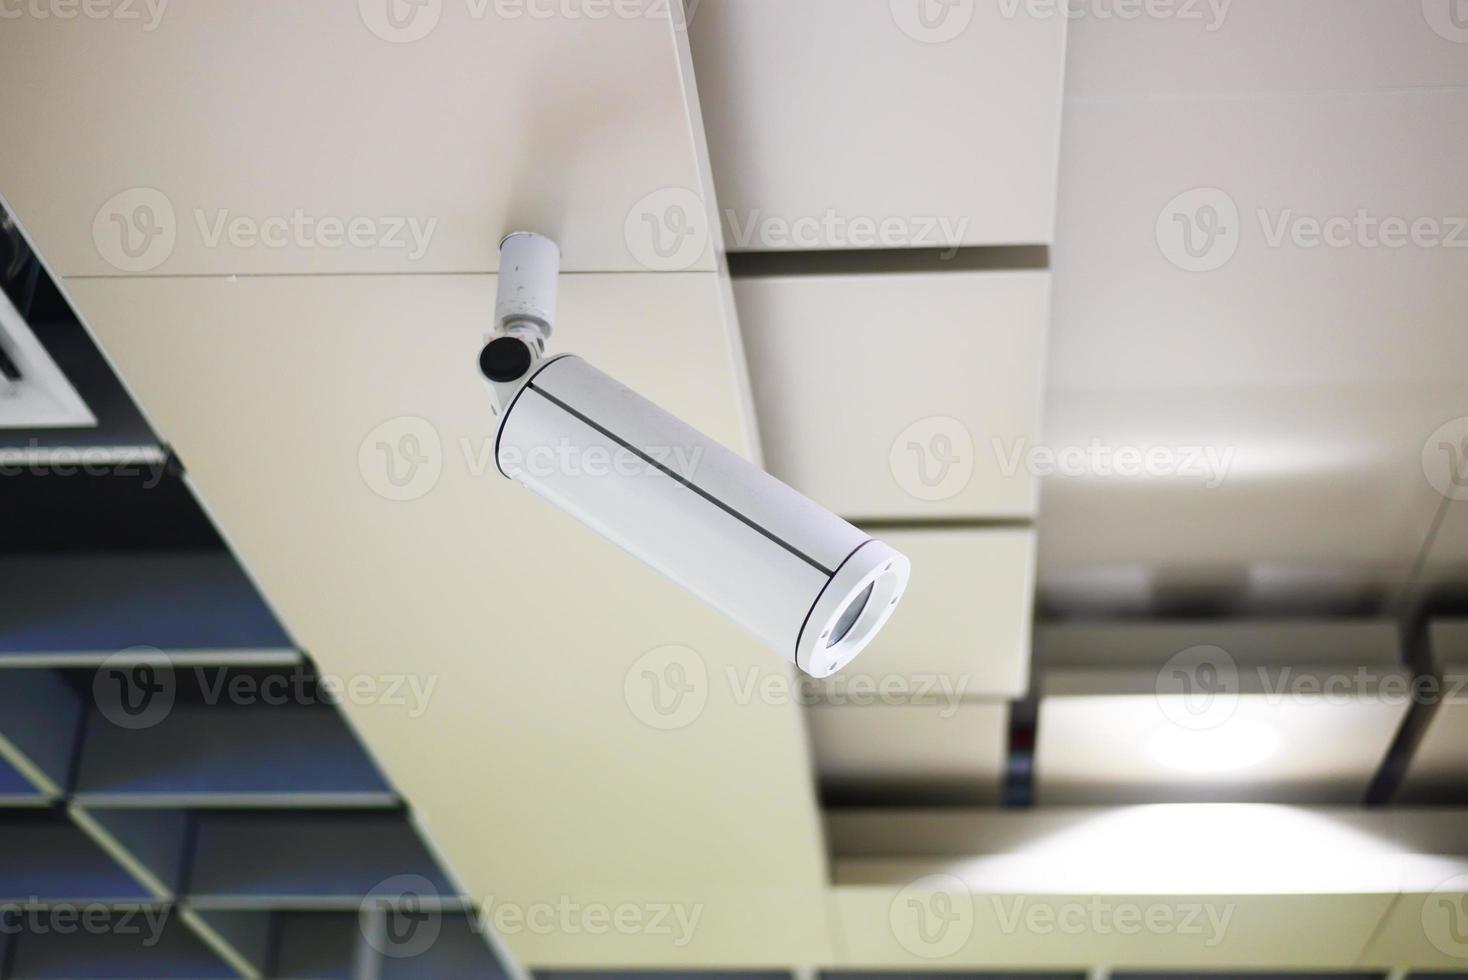 cctv bewakingscamera wand plafond foto